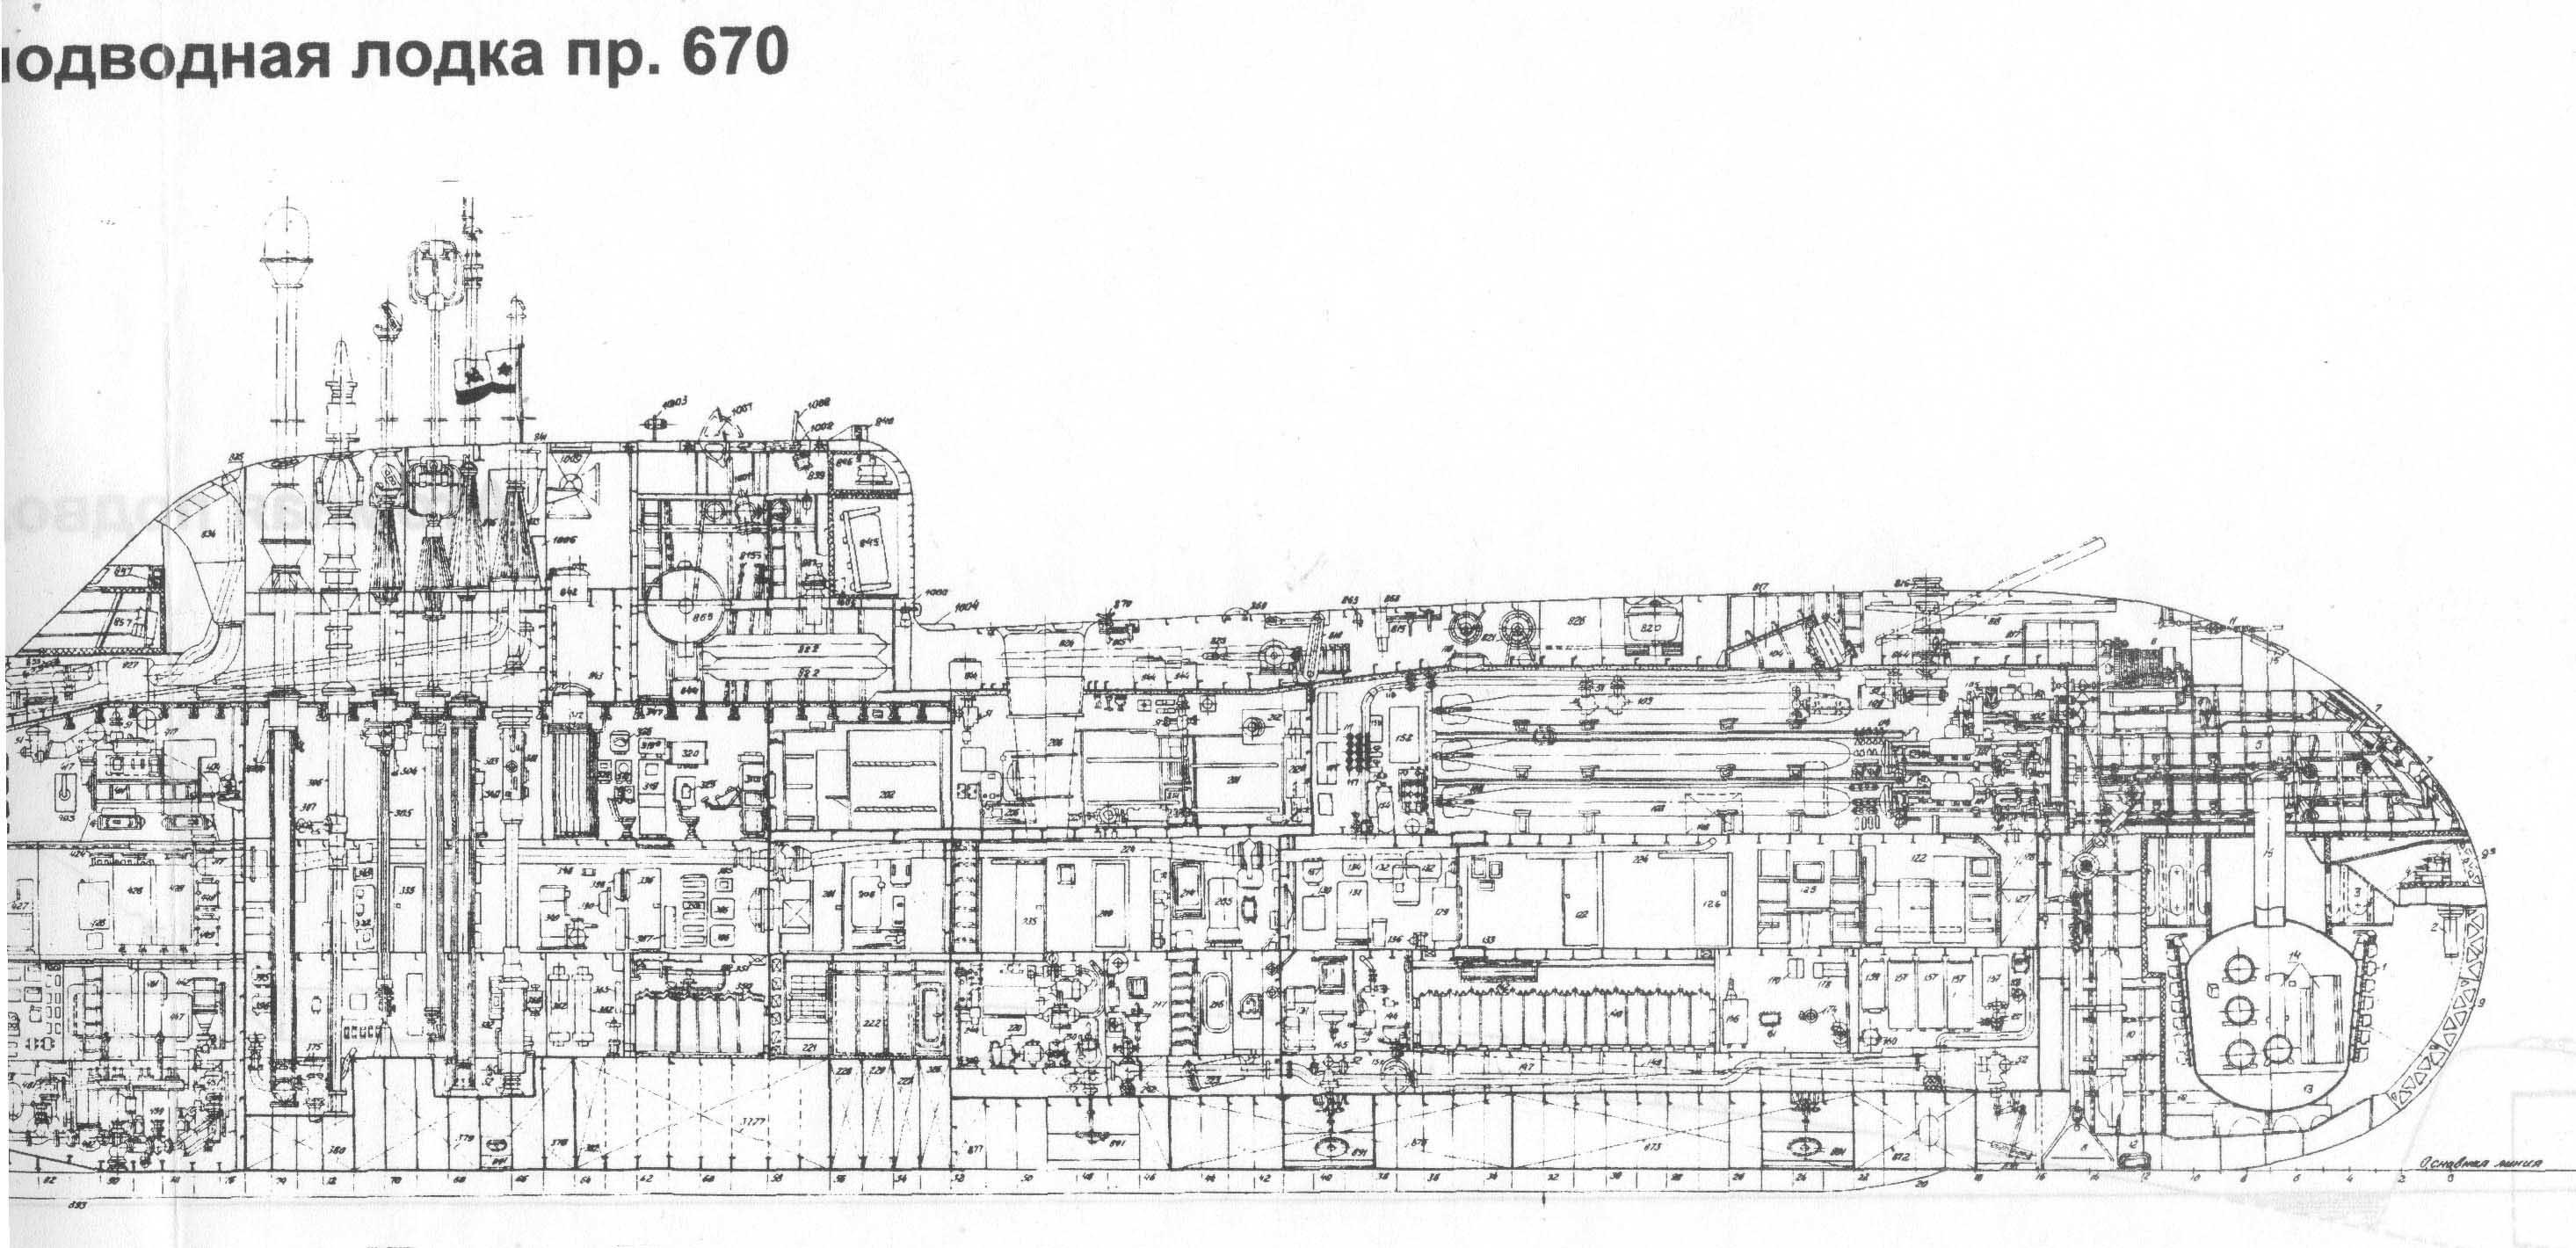 670-05ч-2.jpg